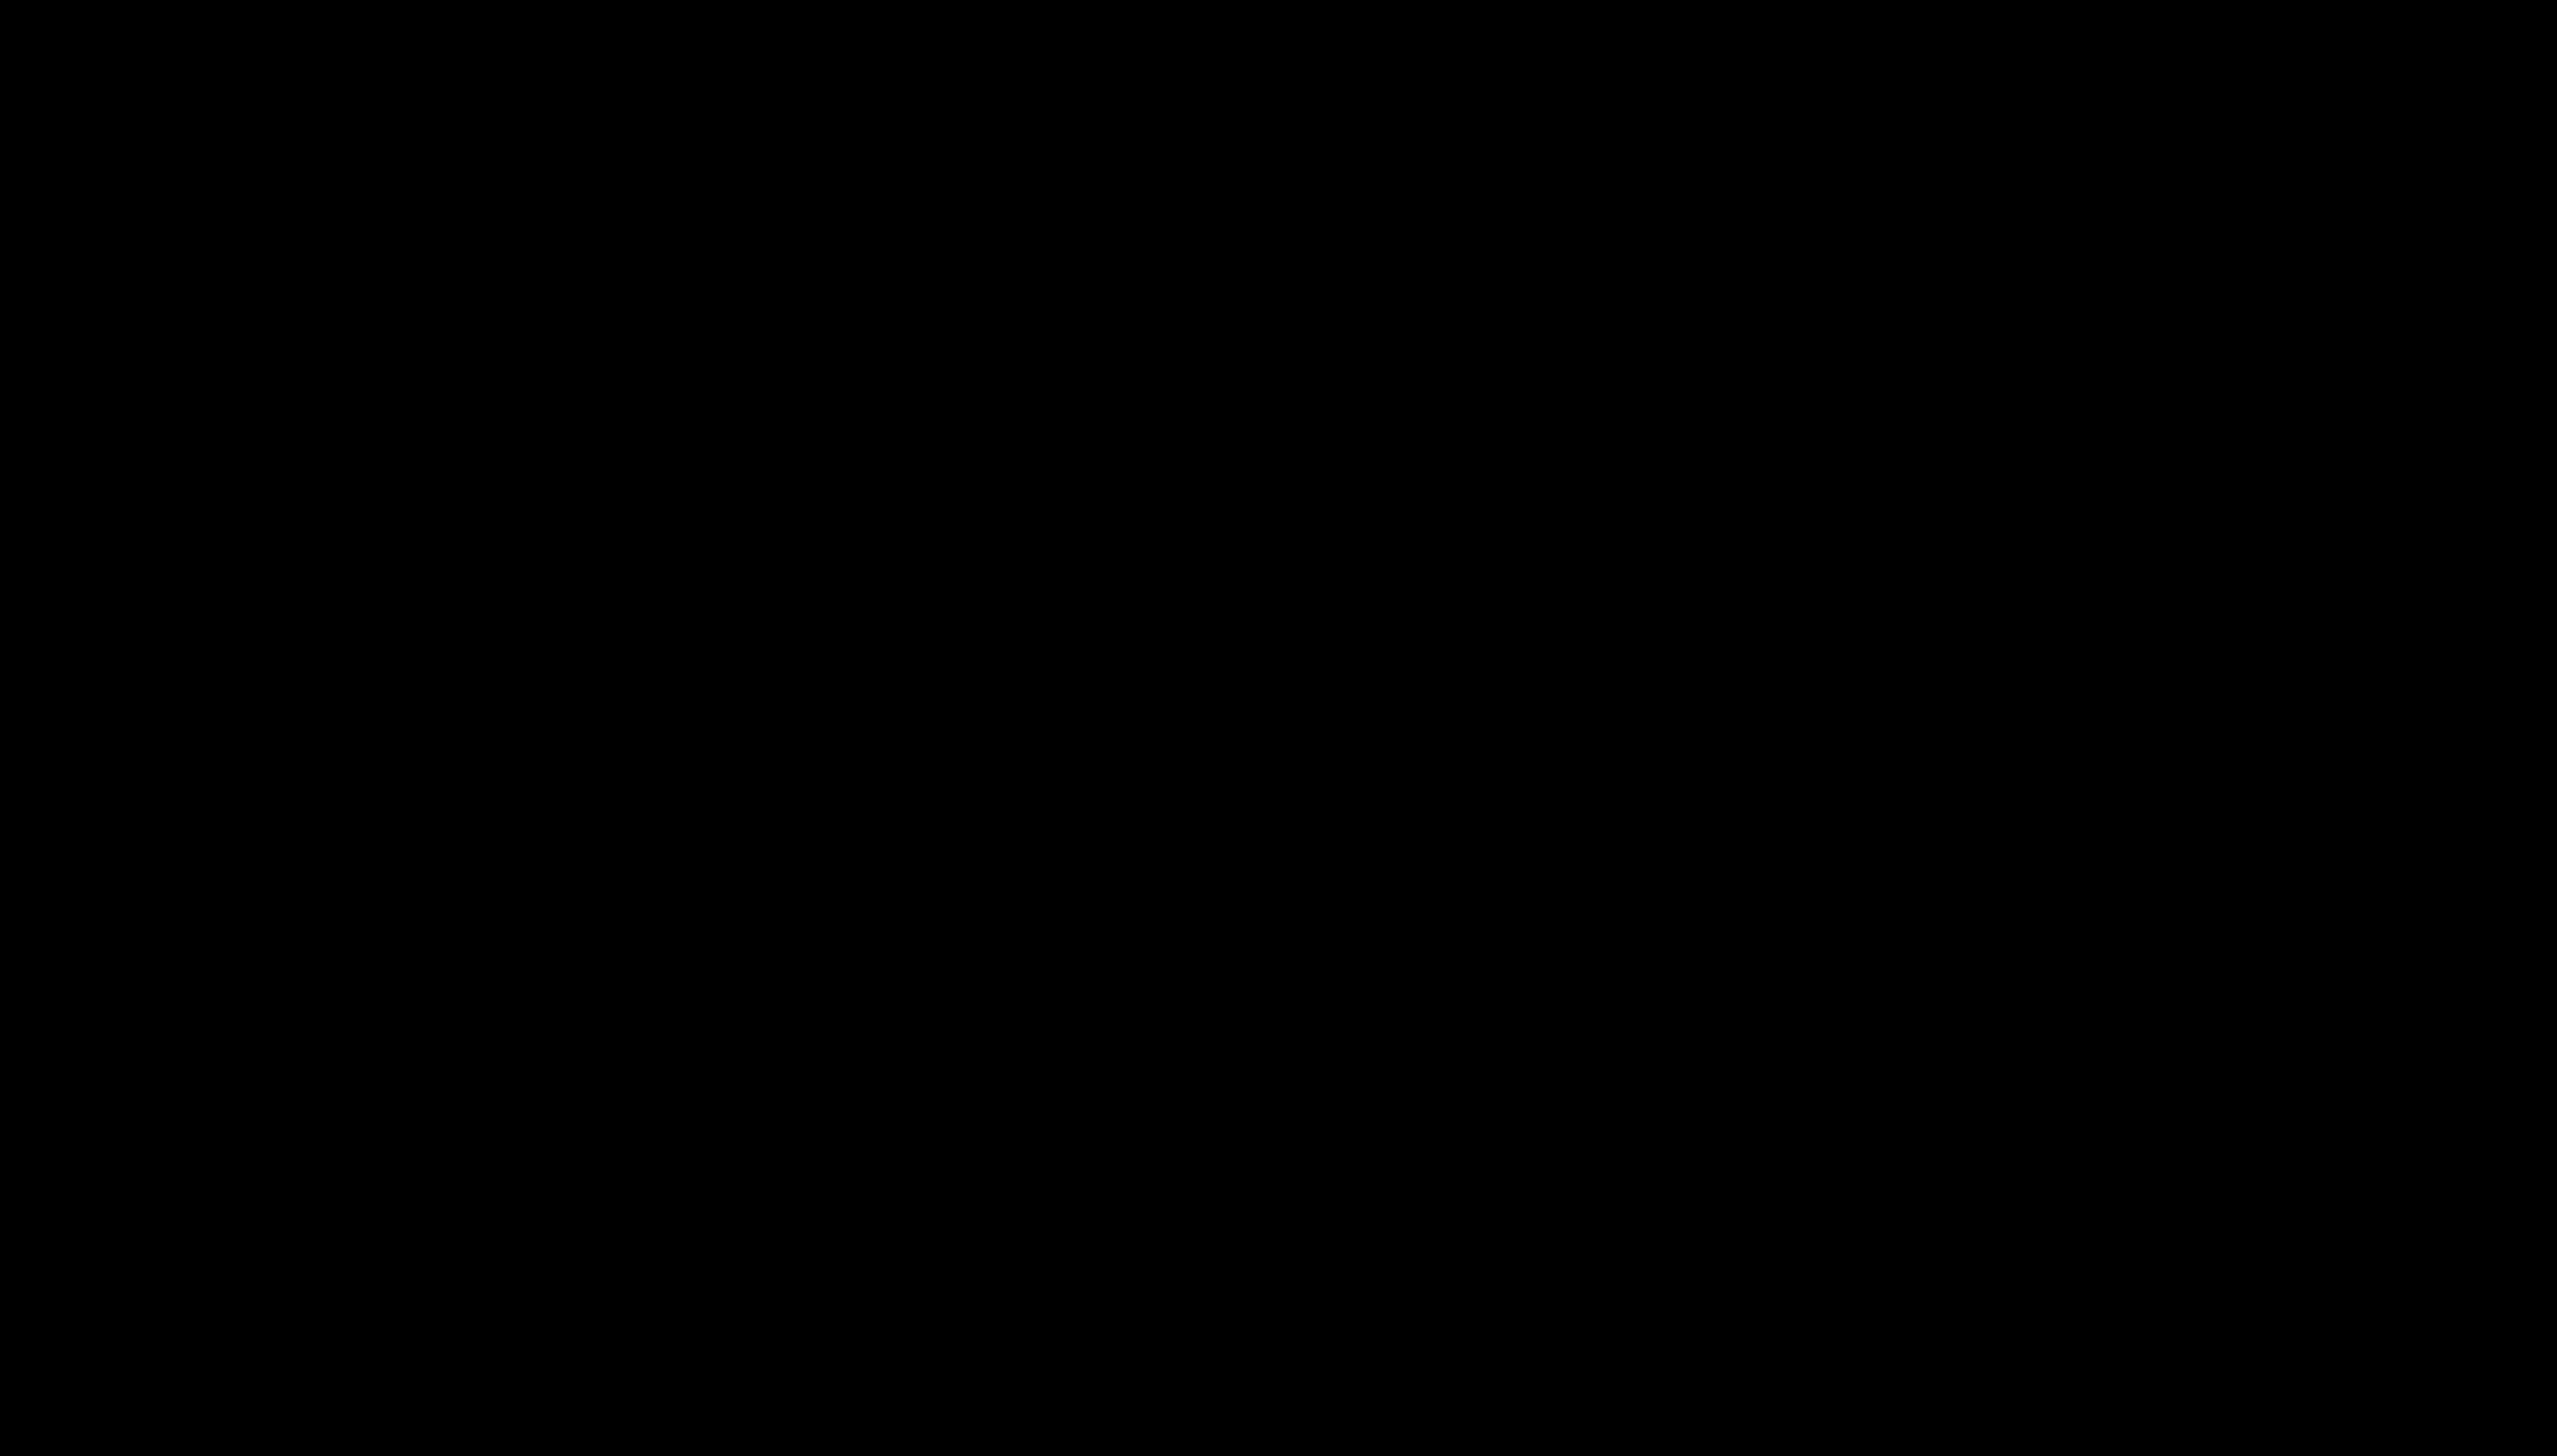 chertezh 7d kreptech